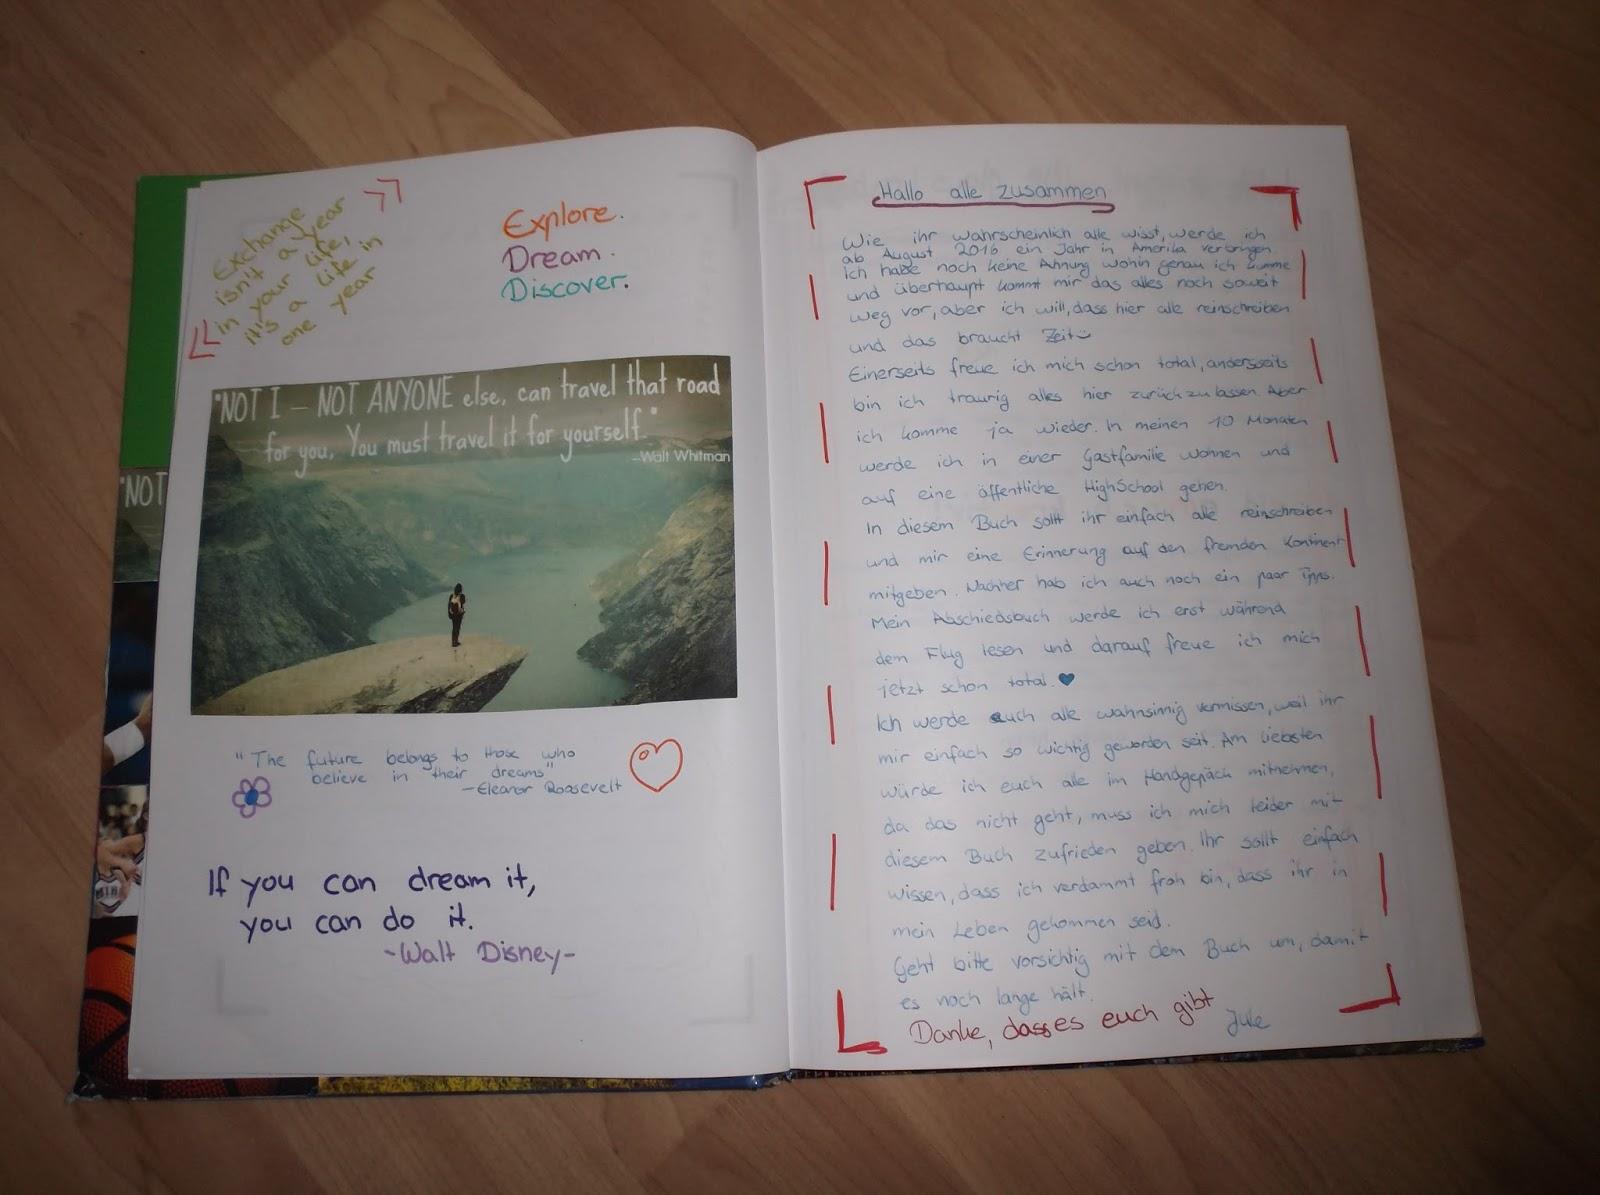 träume wollen fliegen~: #15 abschiedsbuch